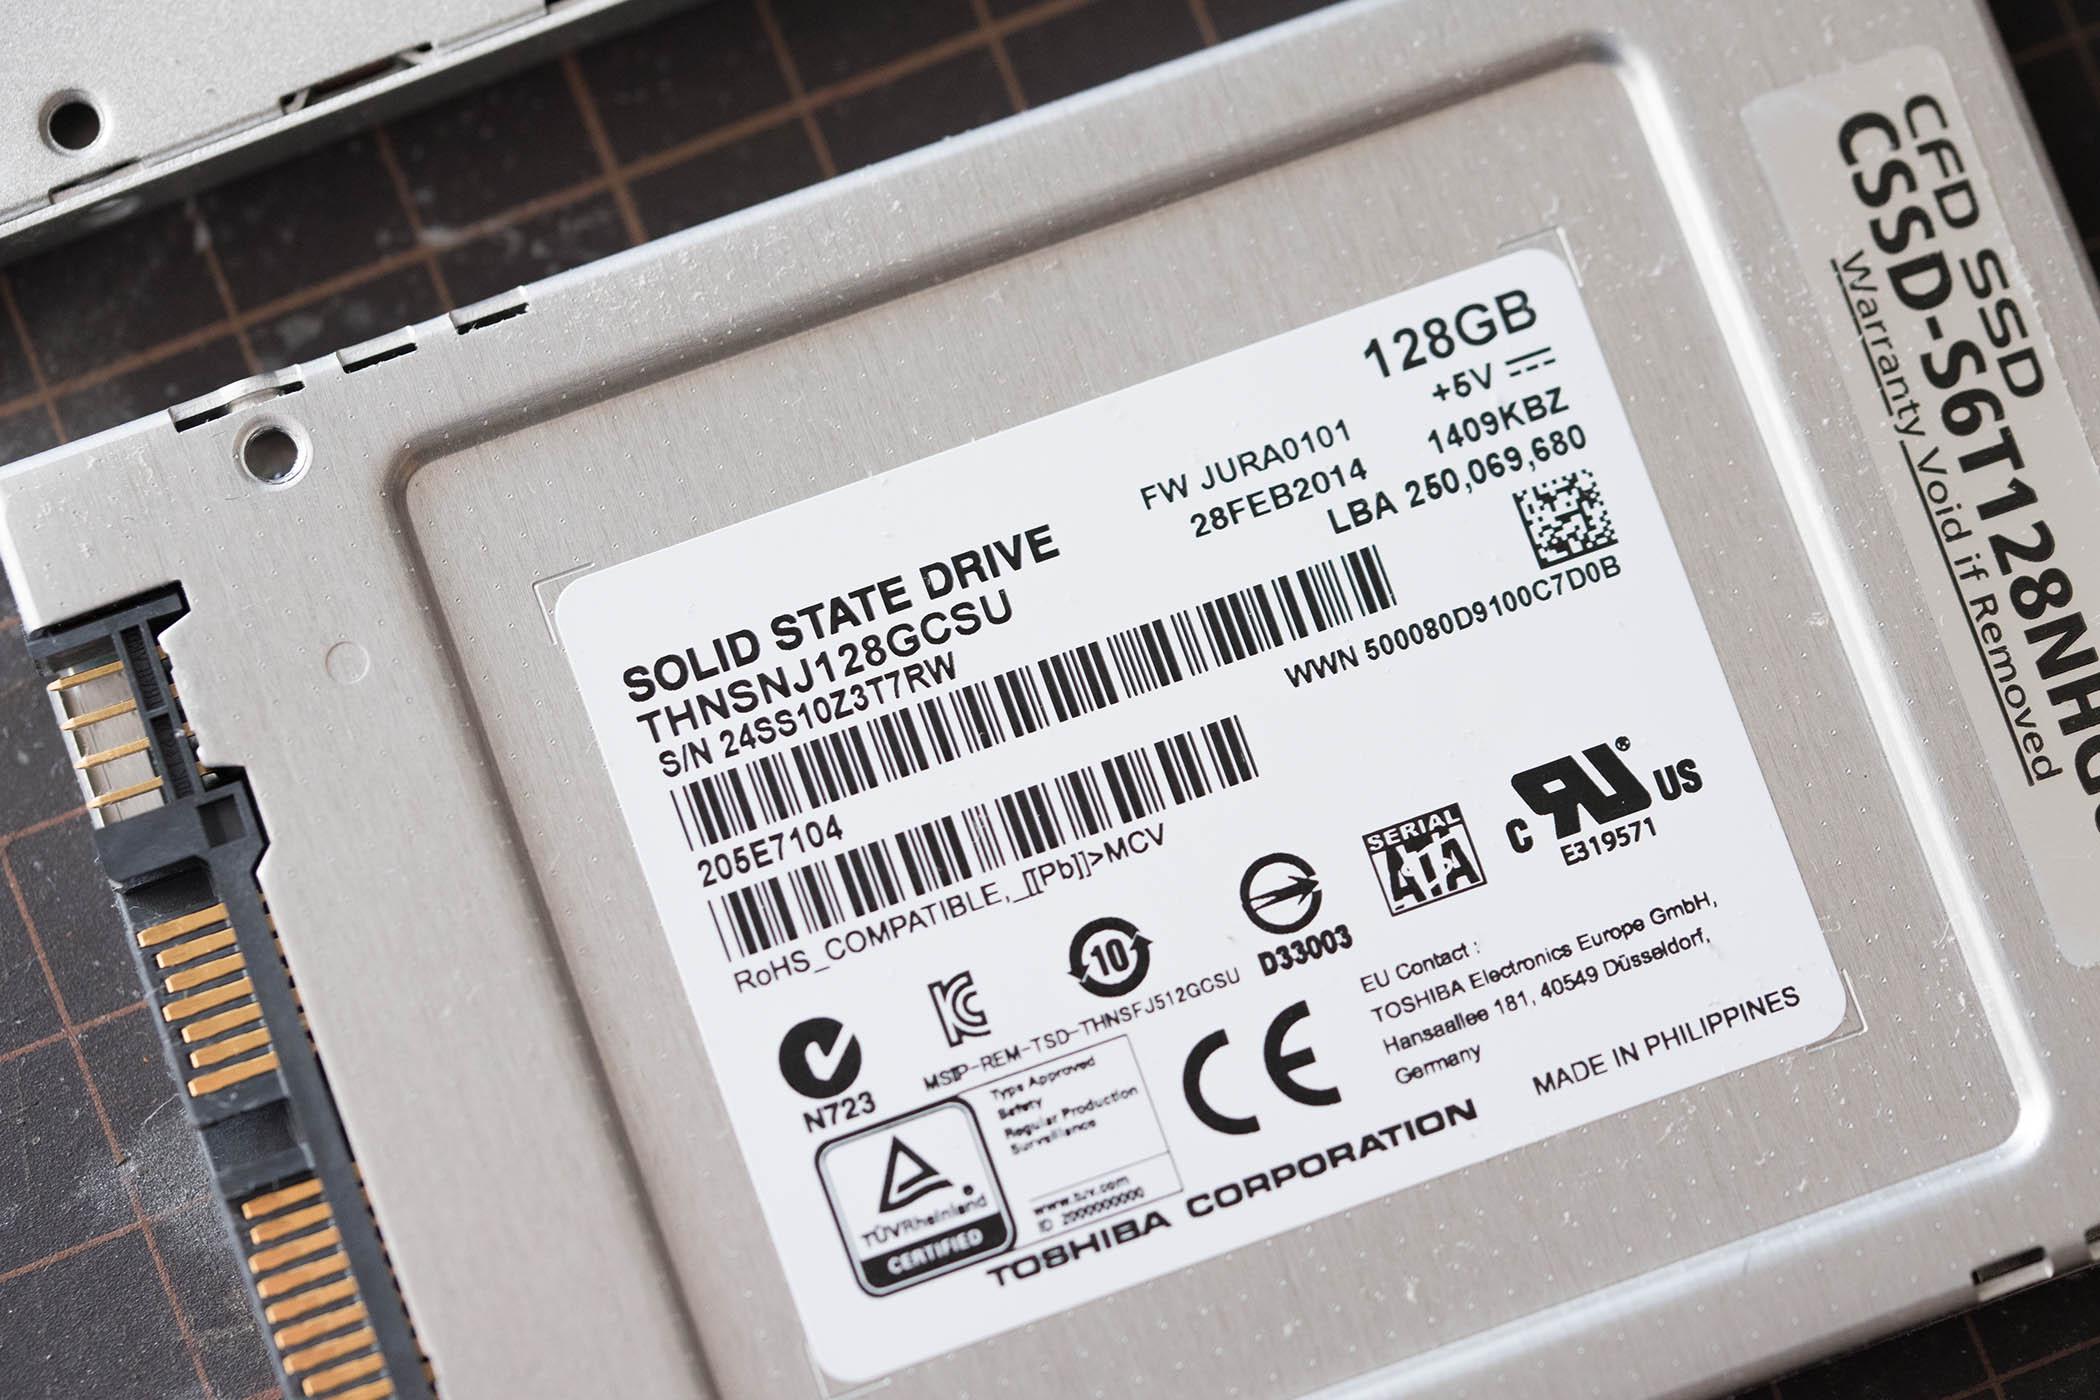 壊れる前にSSD交換とOSコピー